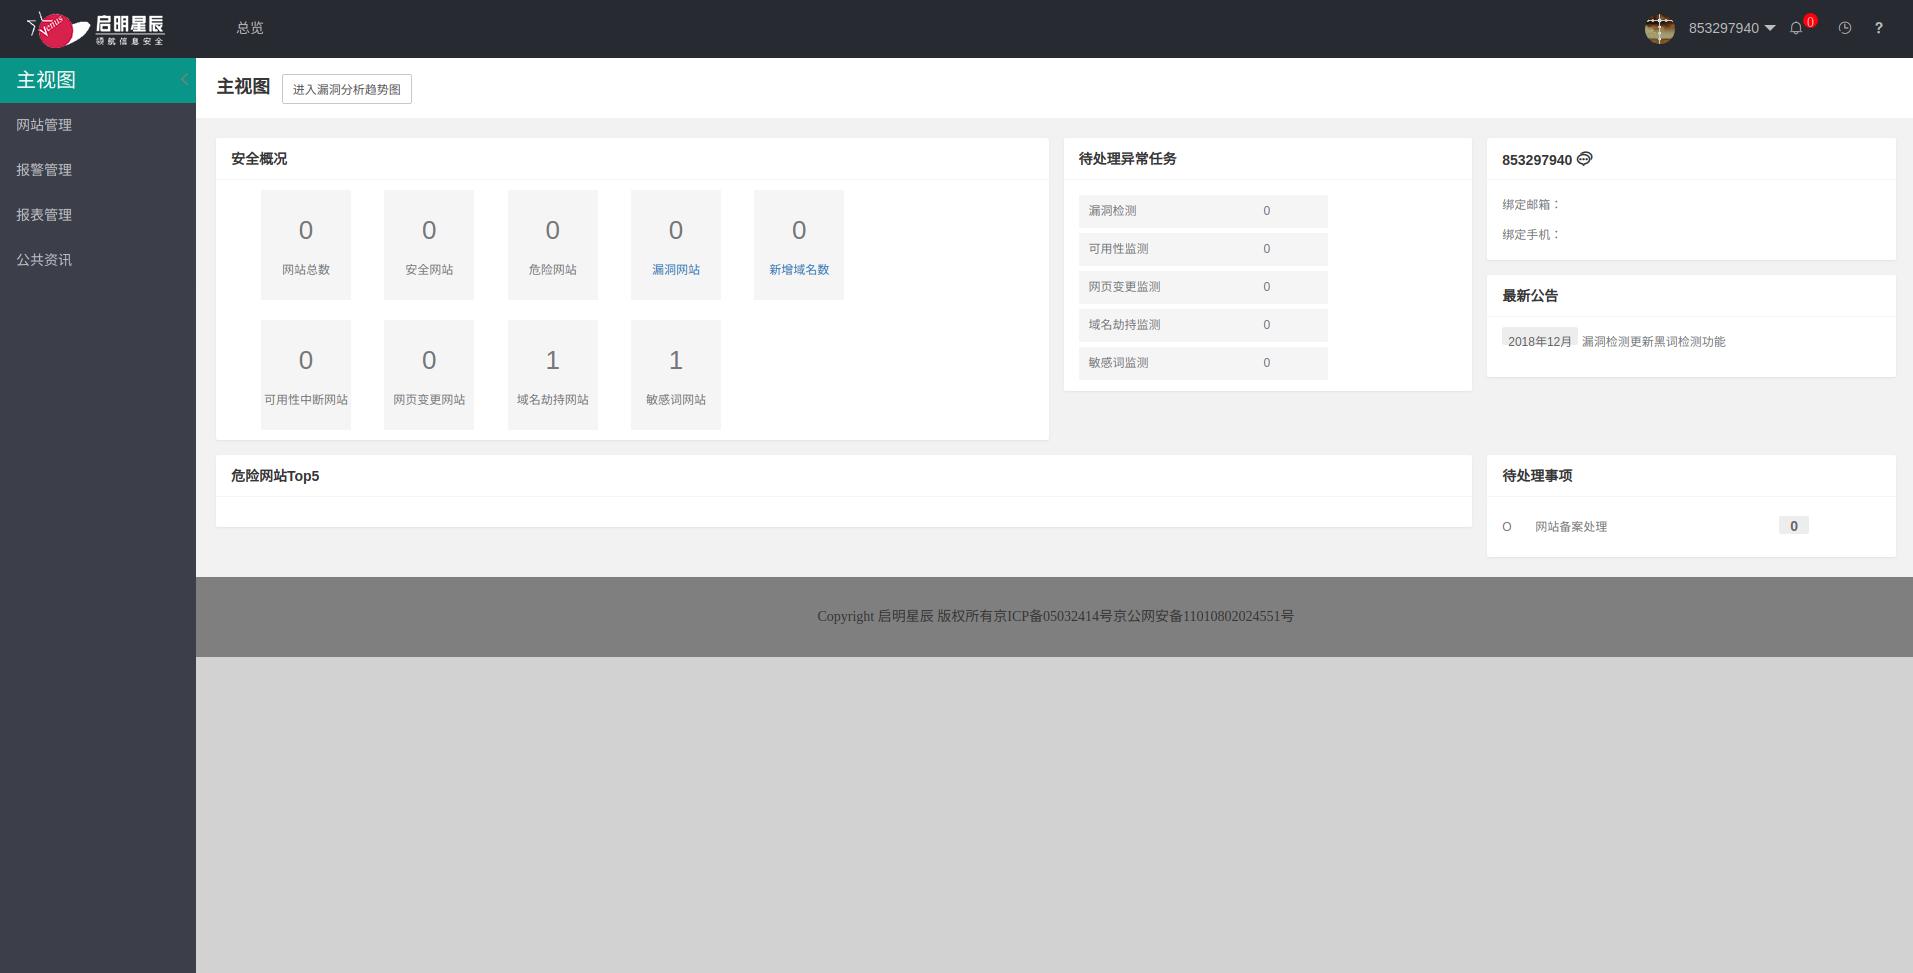 昆仑网站安全监测服务主视图